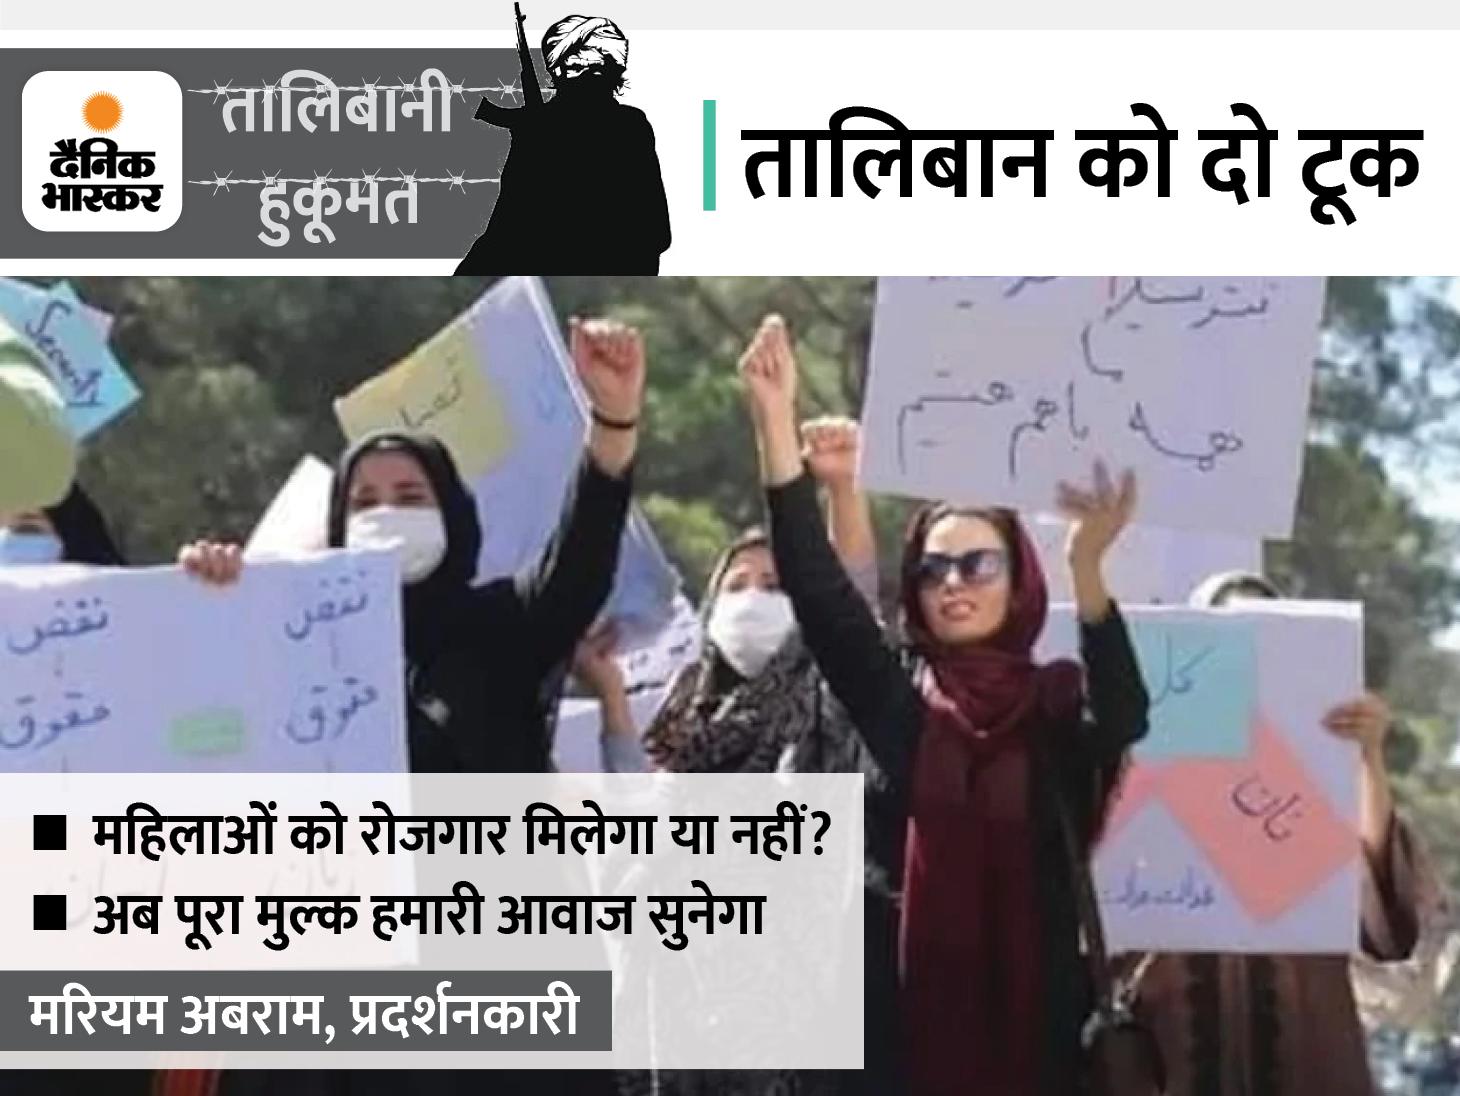 हेरात शहर में सड़कों पर उतरीं महिलाएं; तालिबान से शिक्षा और रोजगार का हक देने की मांग|देश,National - Dainik Bhaskar